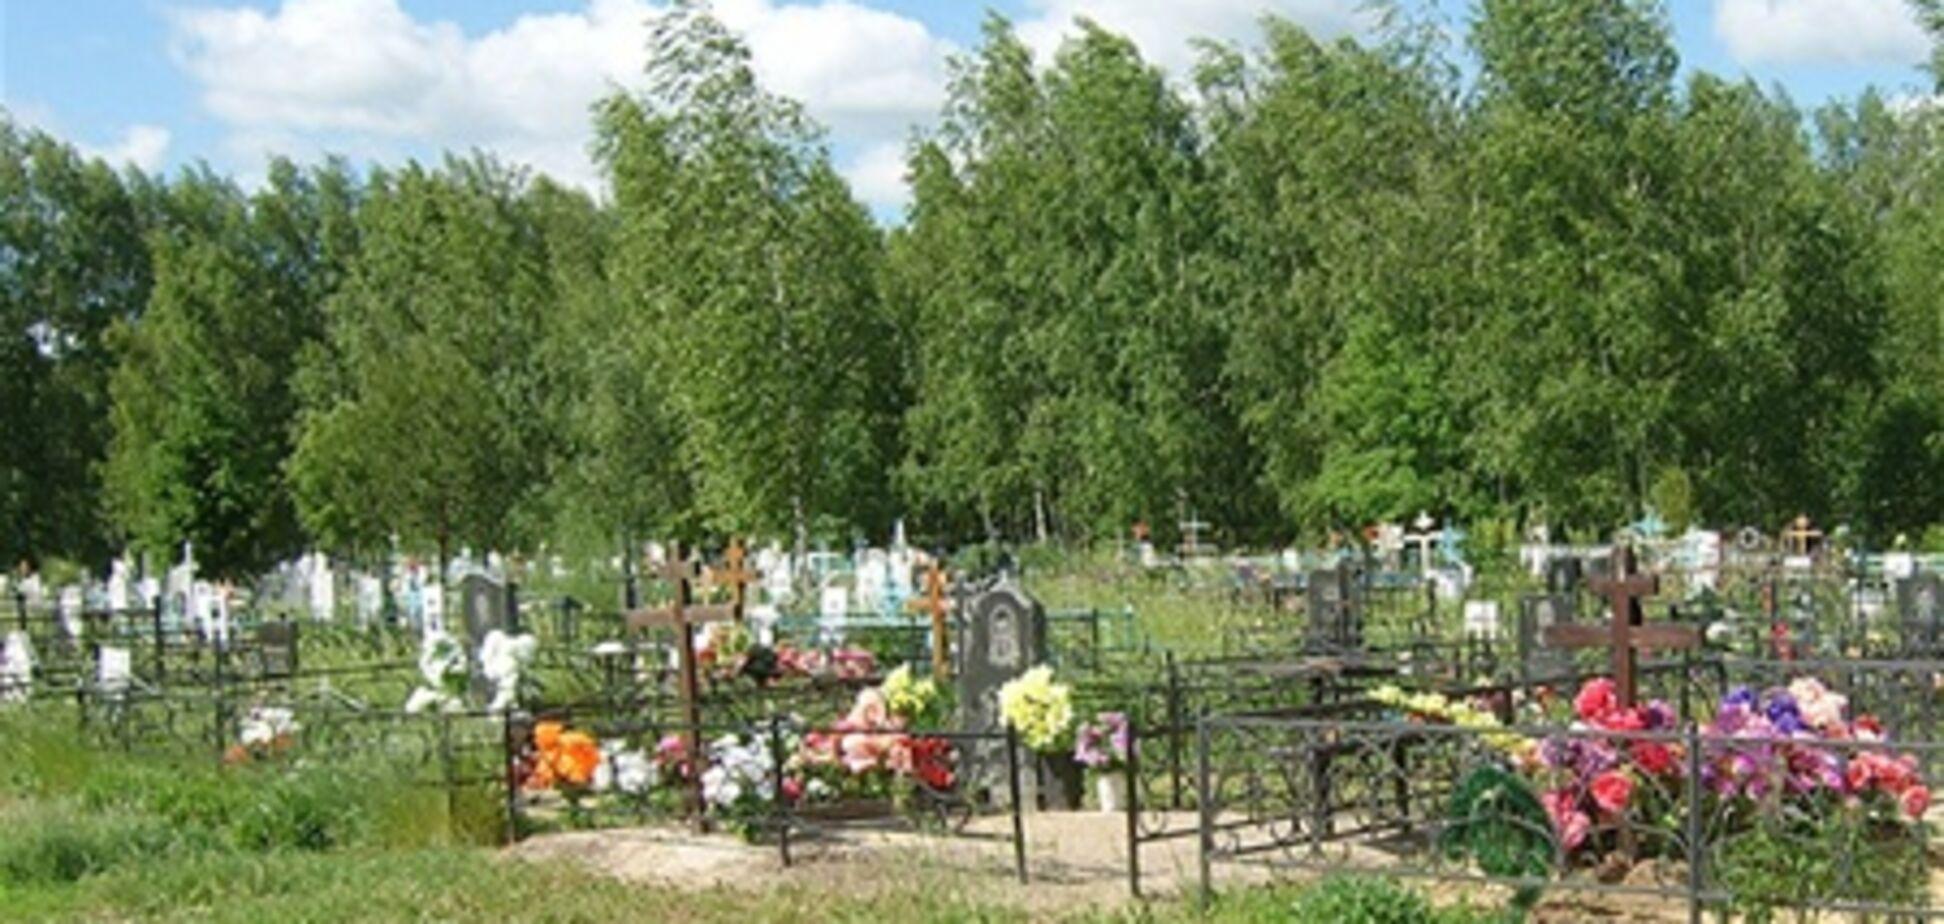 Депутат Волынской области получал взятки за места на кладбище